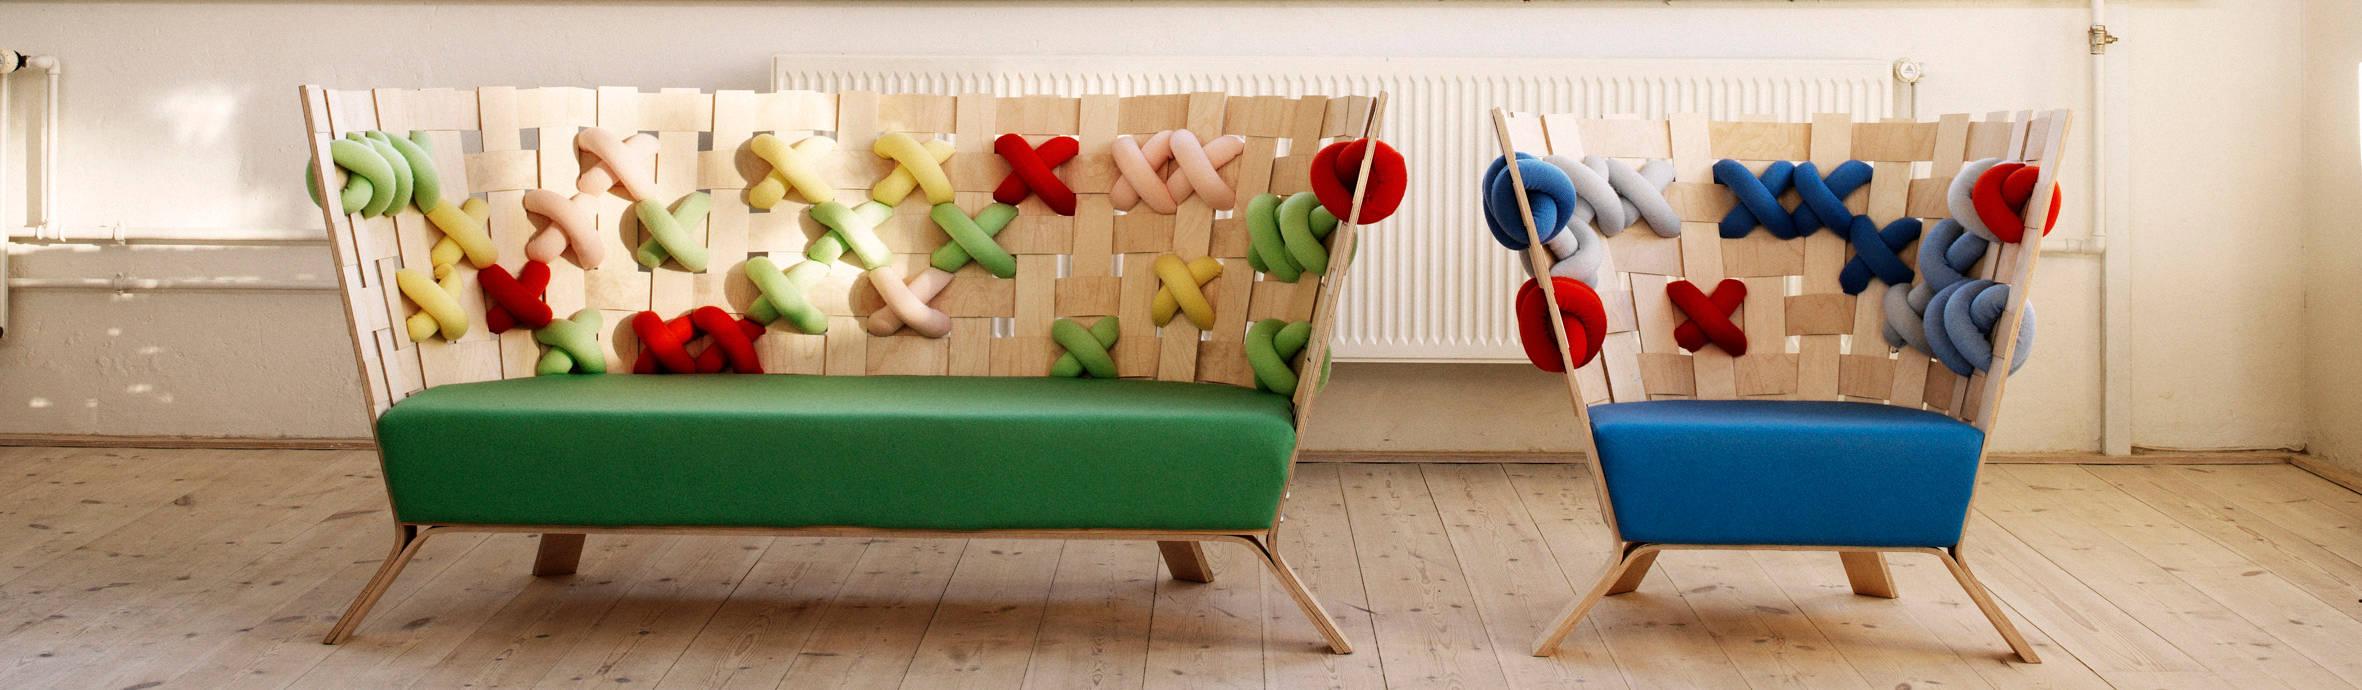 Ellinor Ericsson Creative Studio